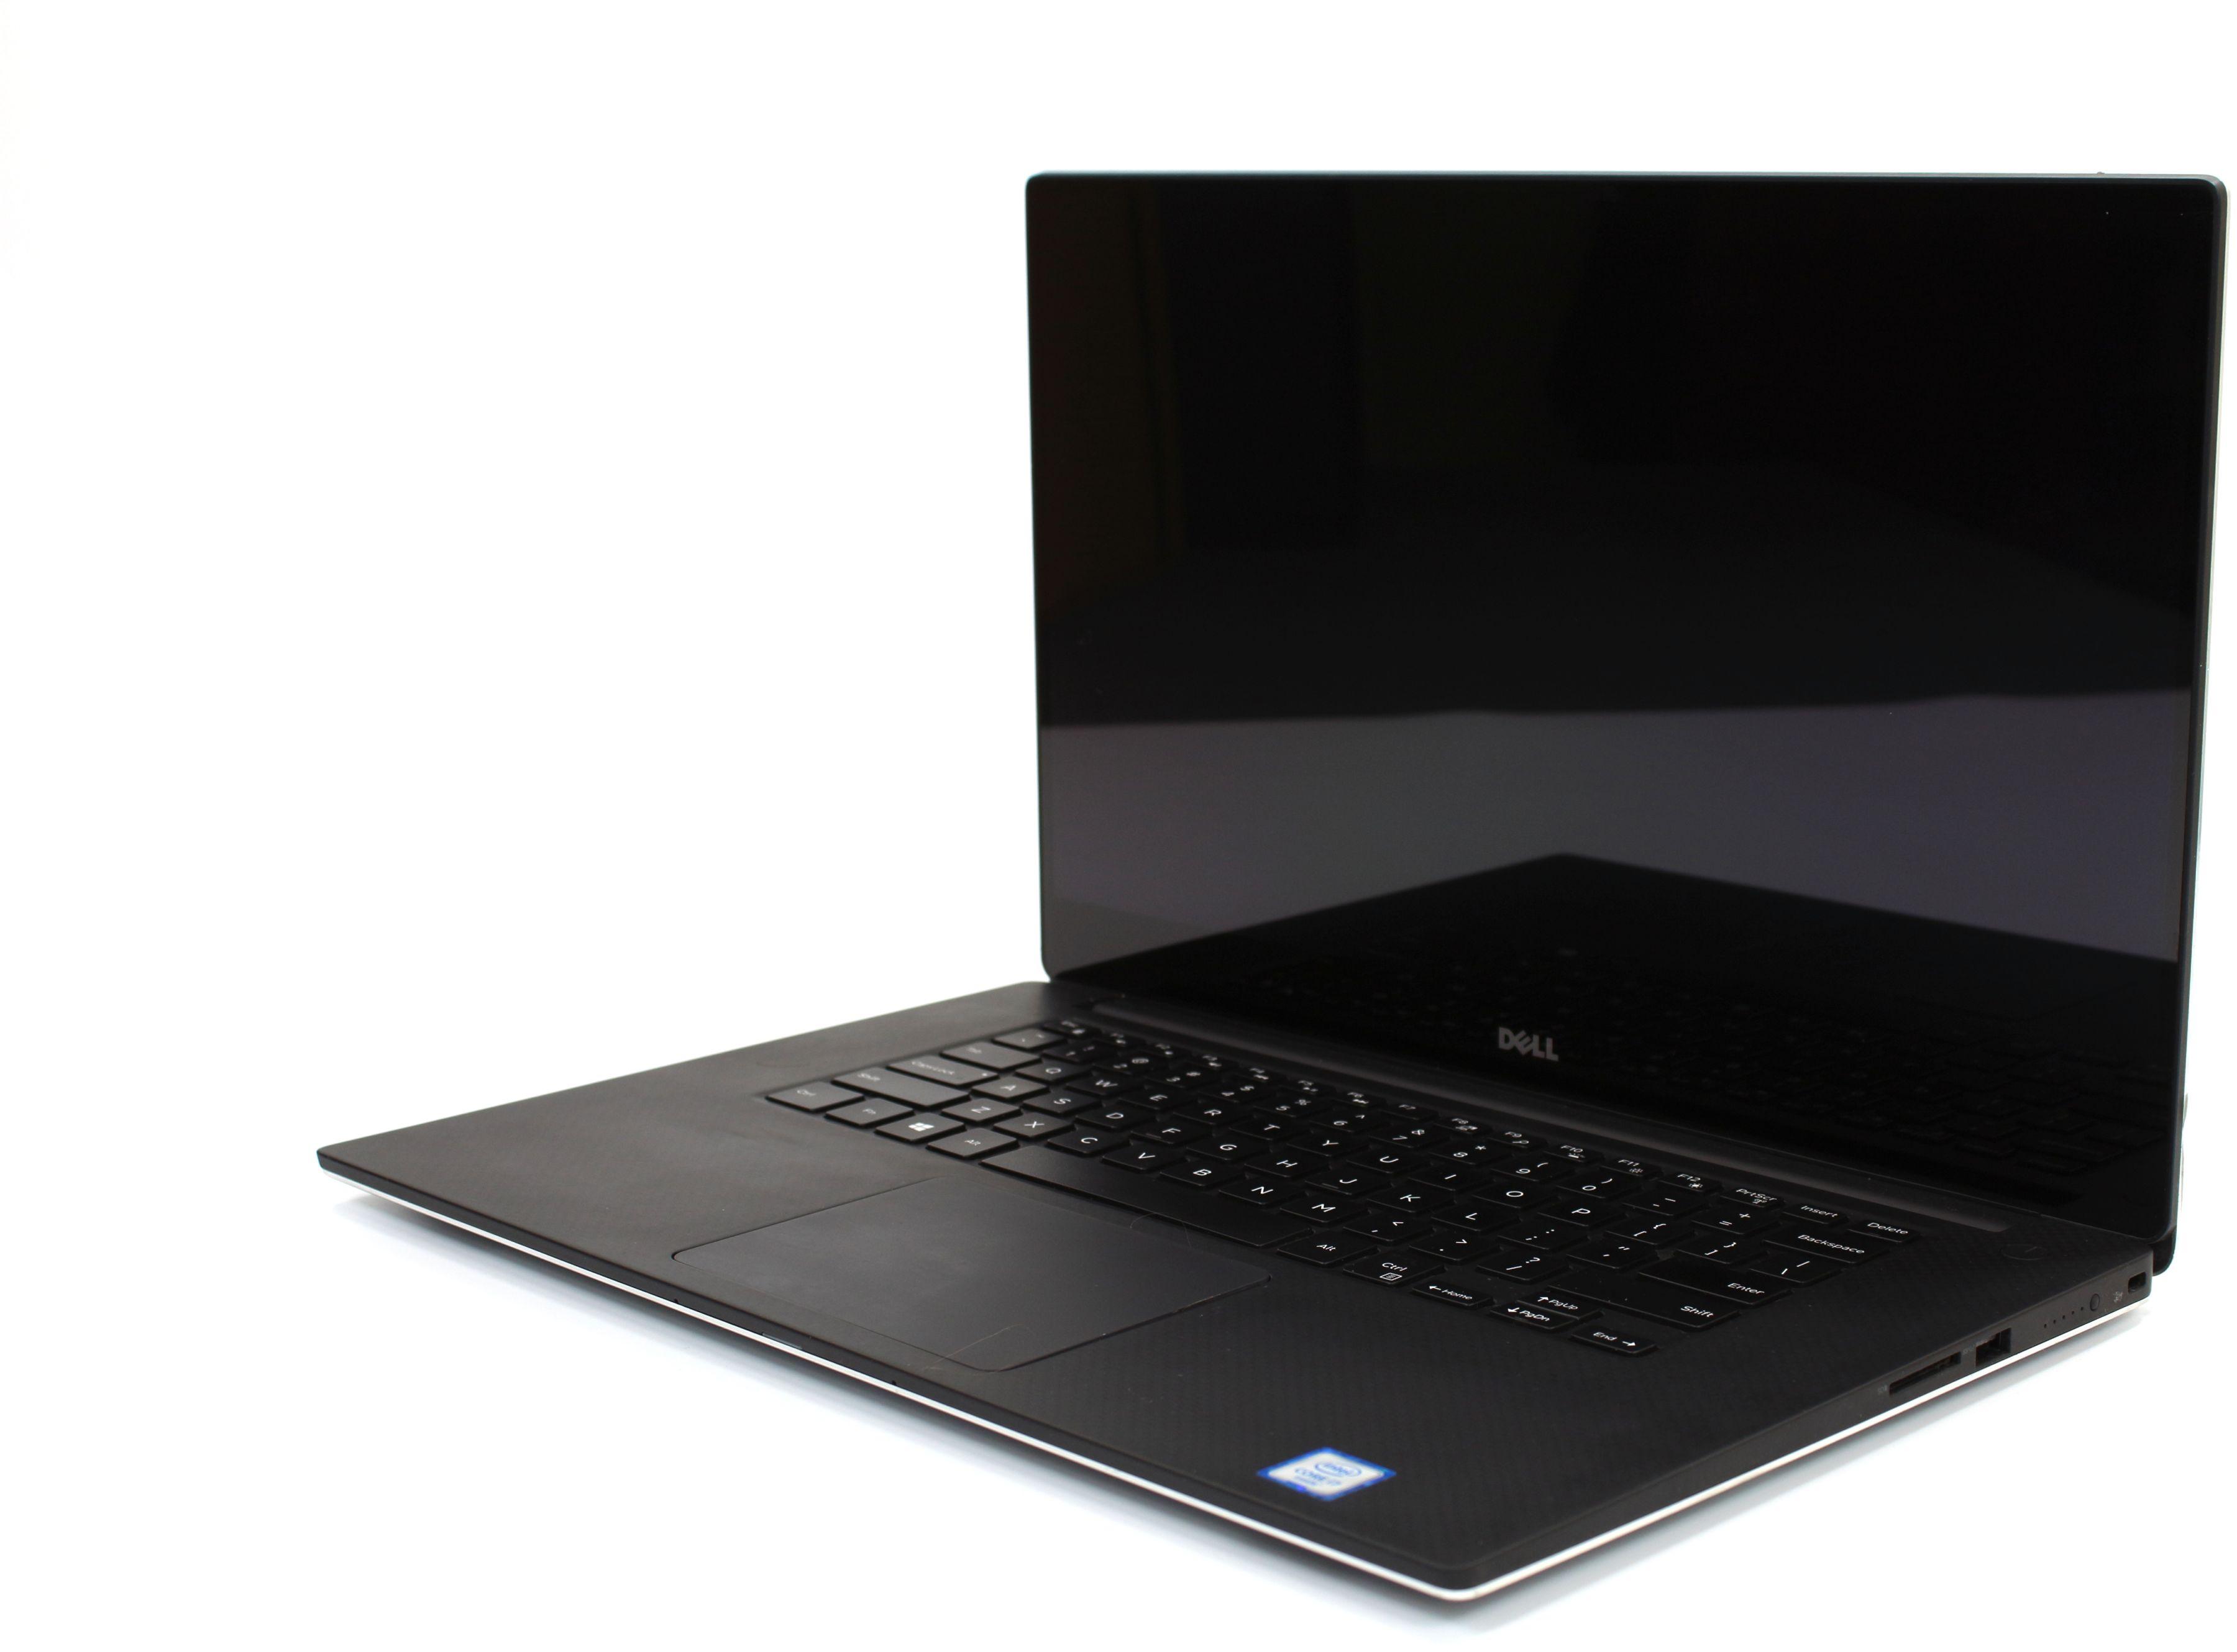 """Dotykowy DELL Precision 5520 15,6"""" 4K i7-6820HQ 16GB 512GB SSD Kamera nVidia M1200M - Windows 7/8/10 Pro (Klasa A)"""